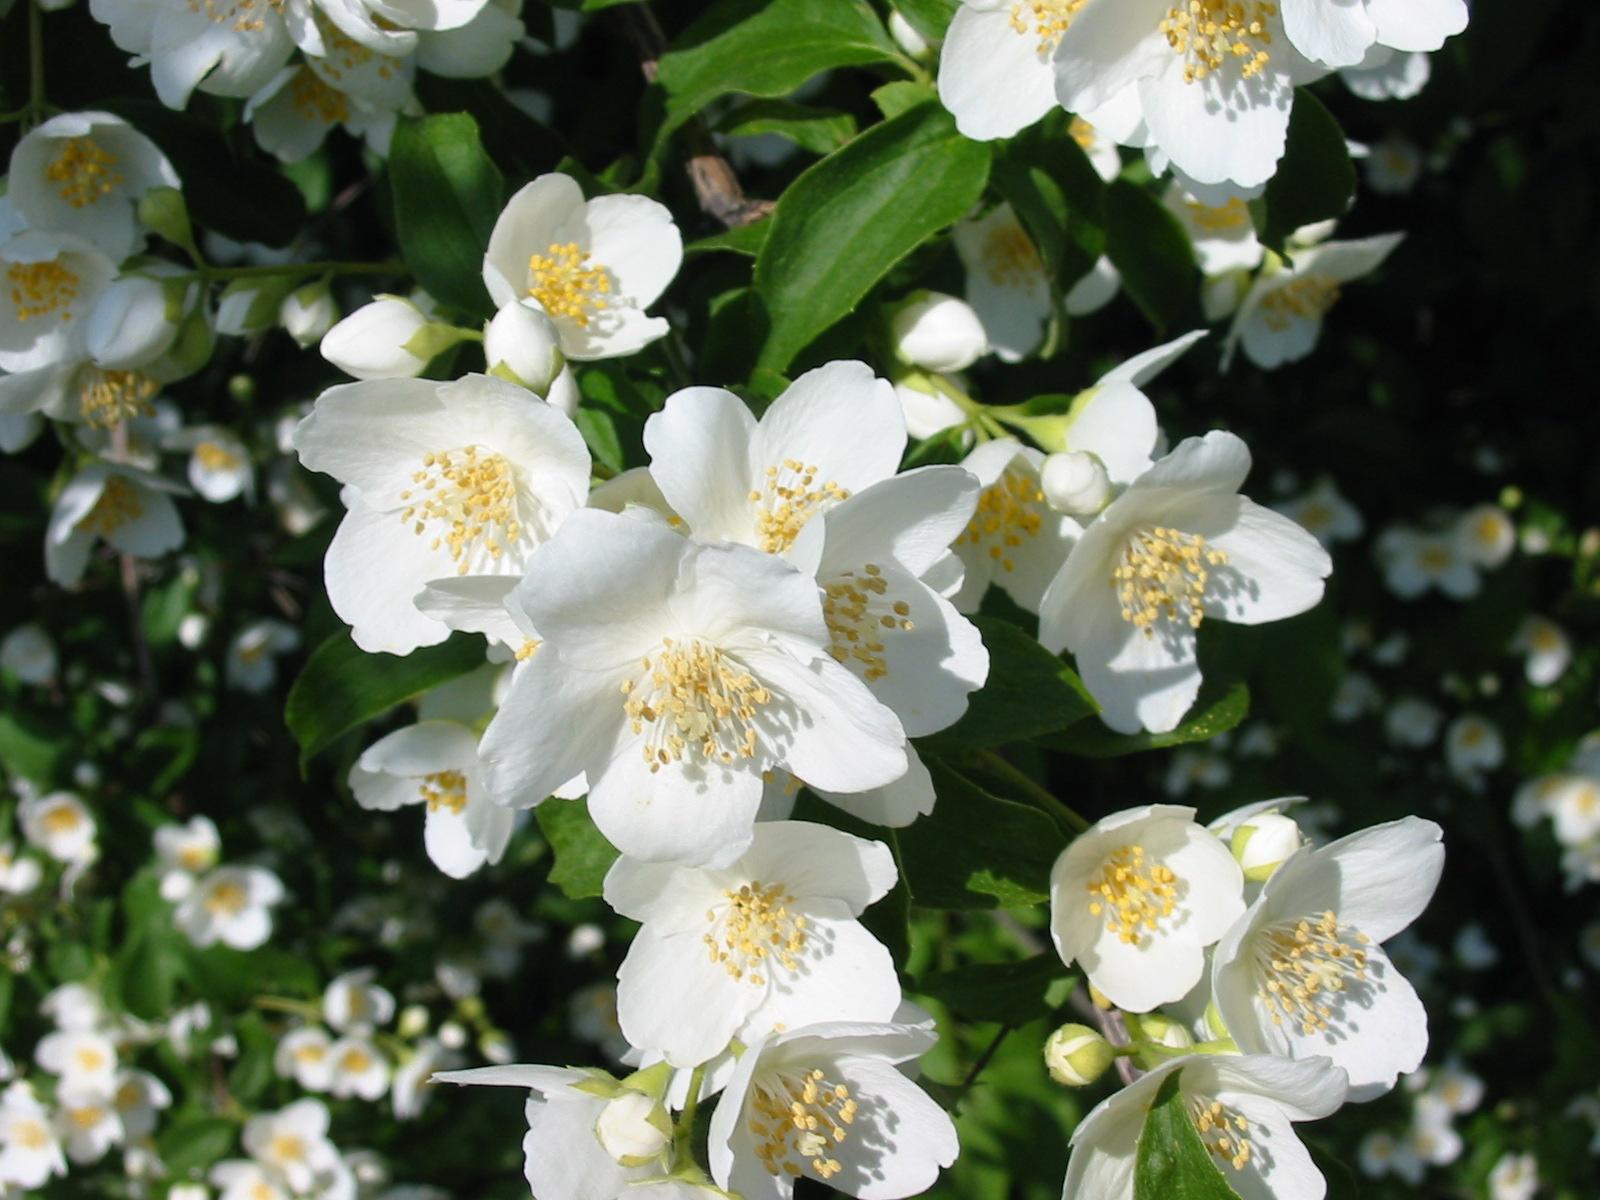 gambar bunga melati foto bunga melati putih tercantik bunga melati